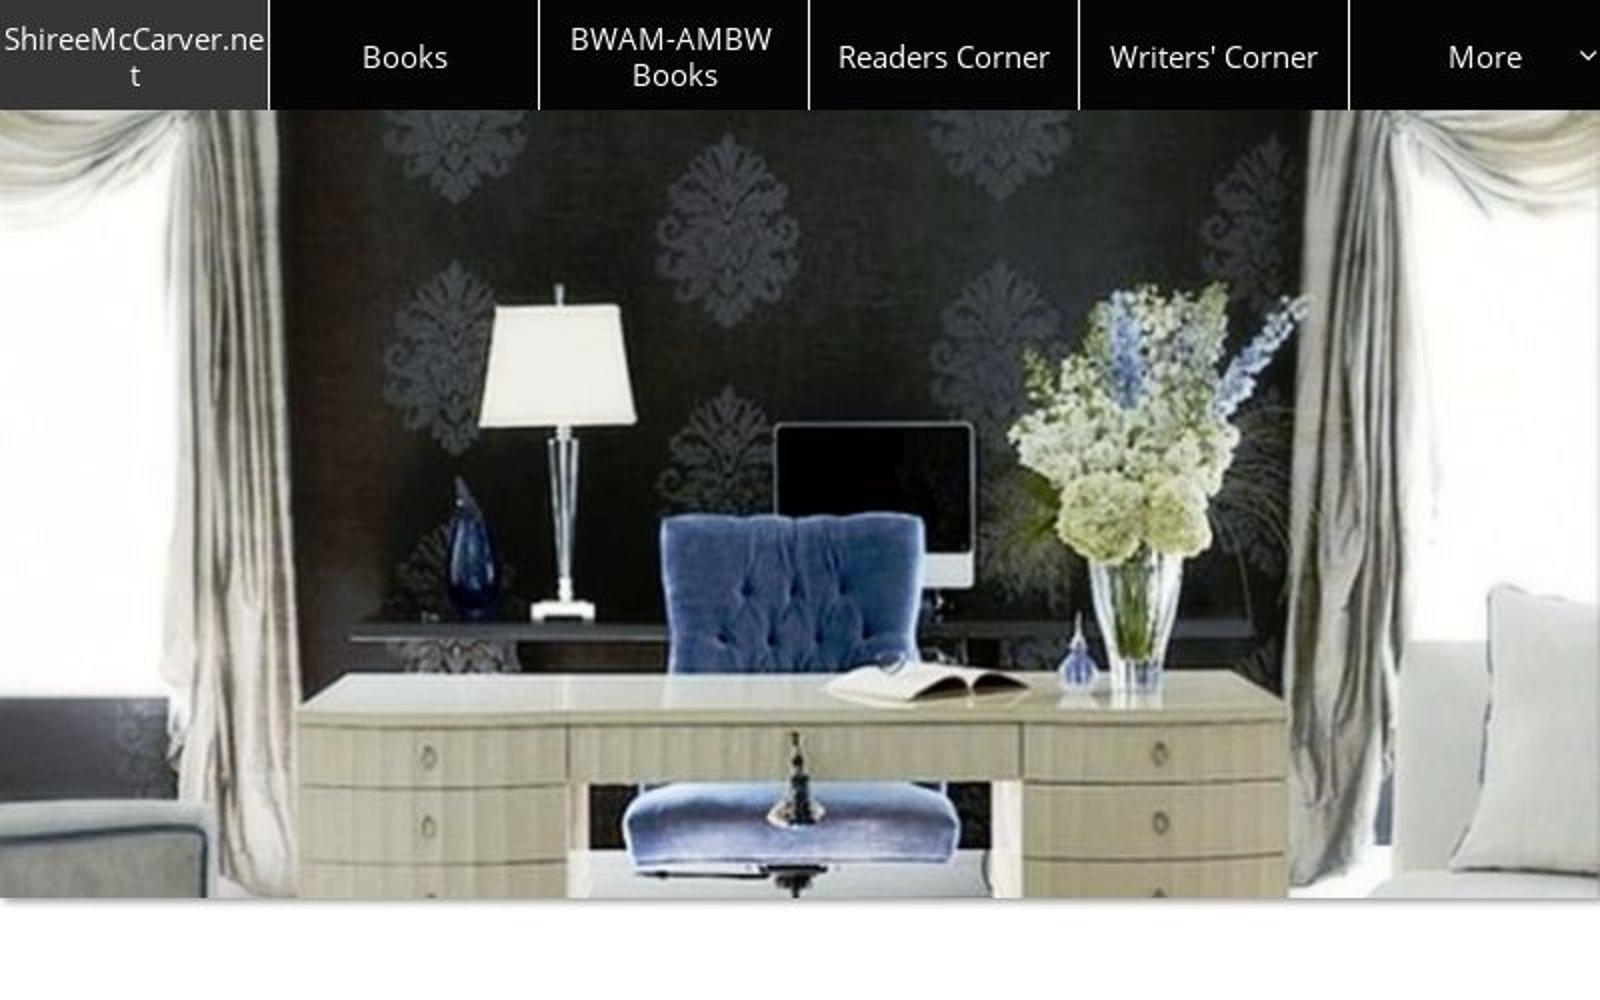 hjelp med online dating profil